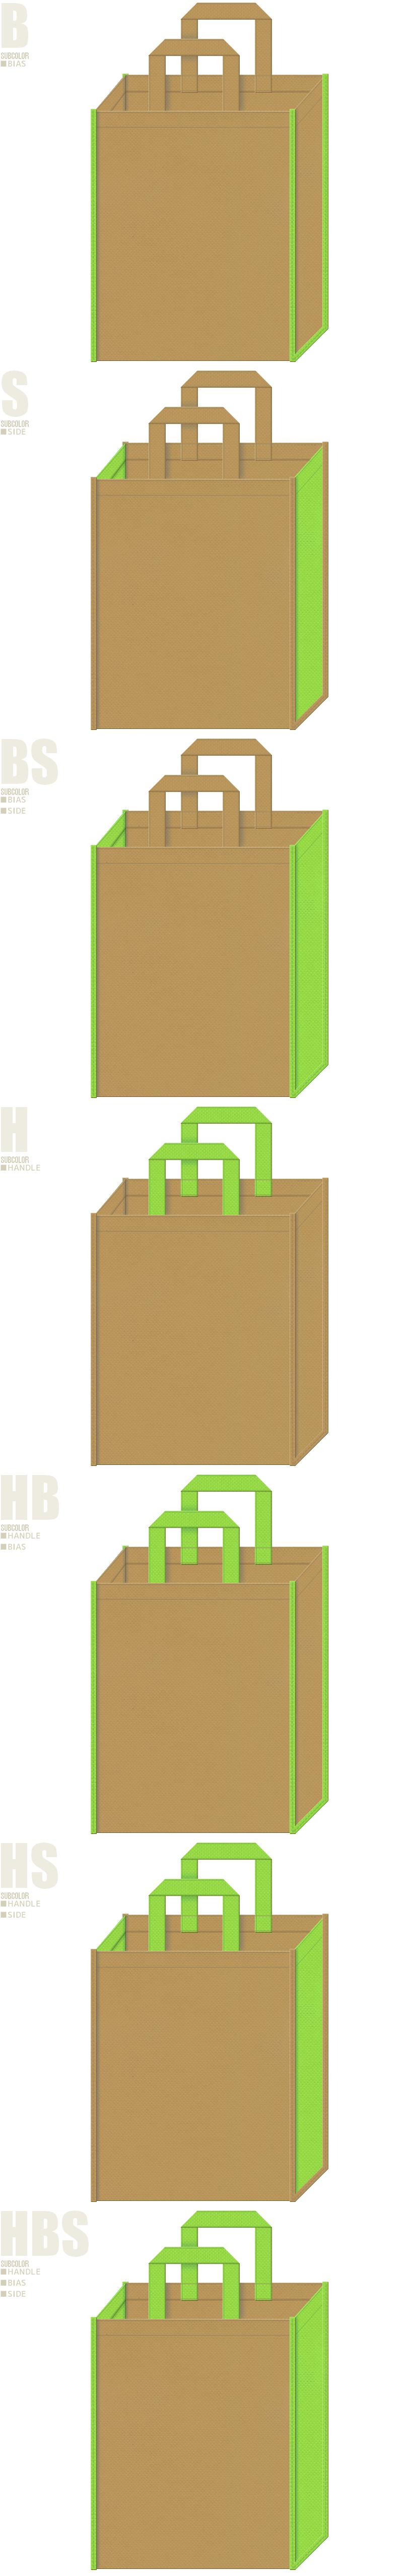 牧場・酪農・農業・肥料・種苗・キウイフルーツ・産直市場・園芸用品・DIYの展示会用バッグにお奨めの不織布バッグデザイン:金黄土色と黄緑色の配色7パターン。